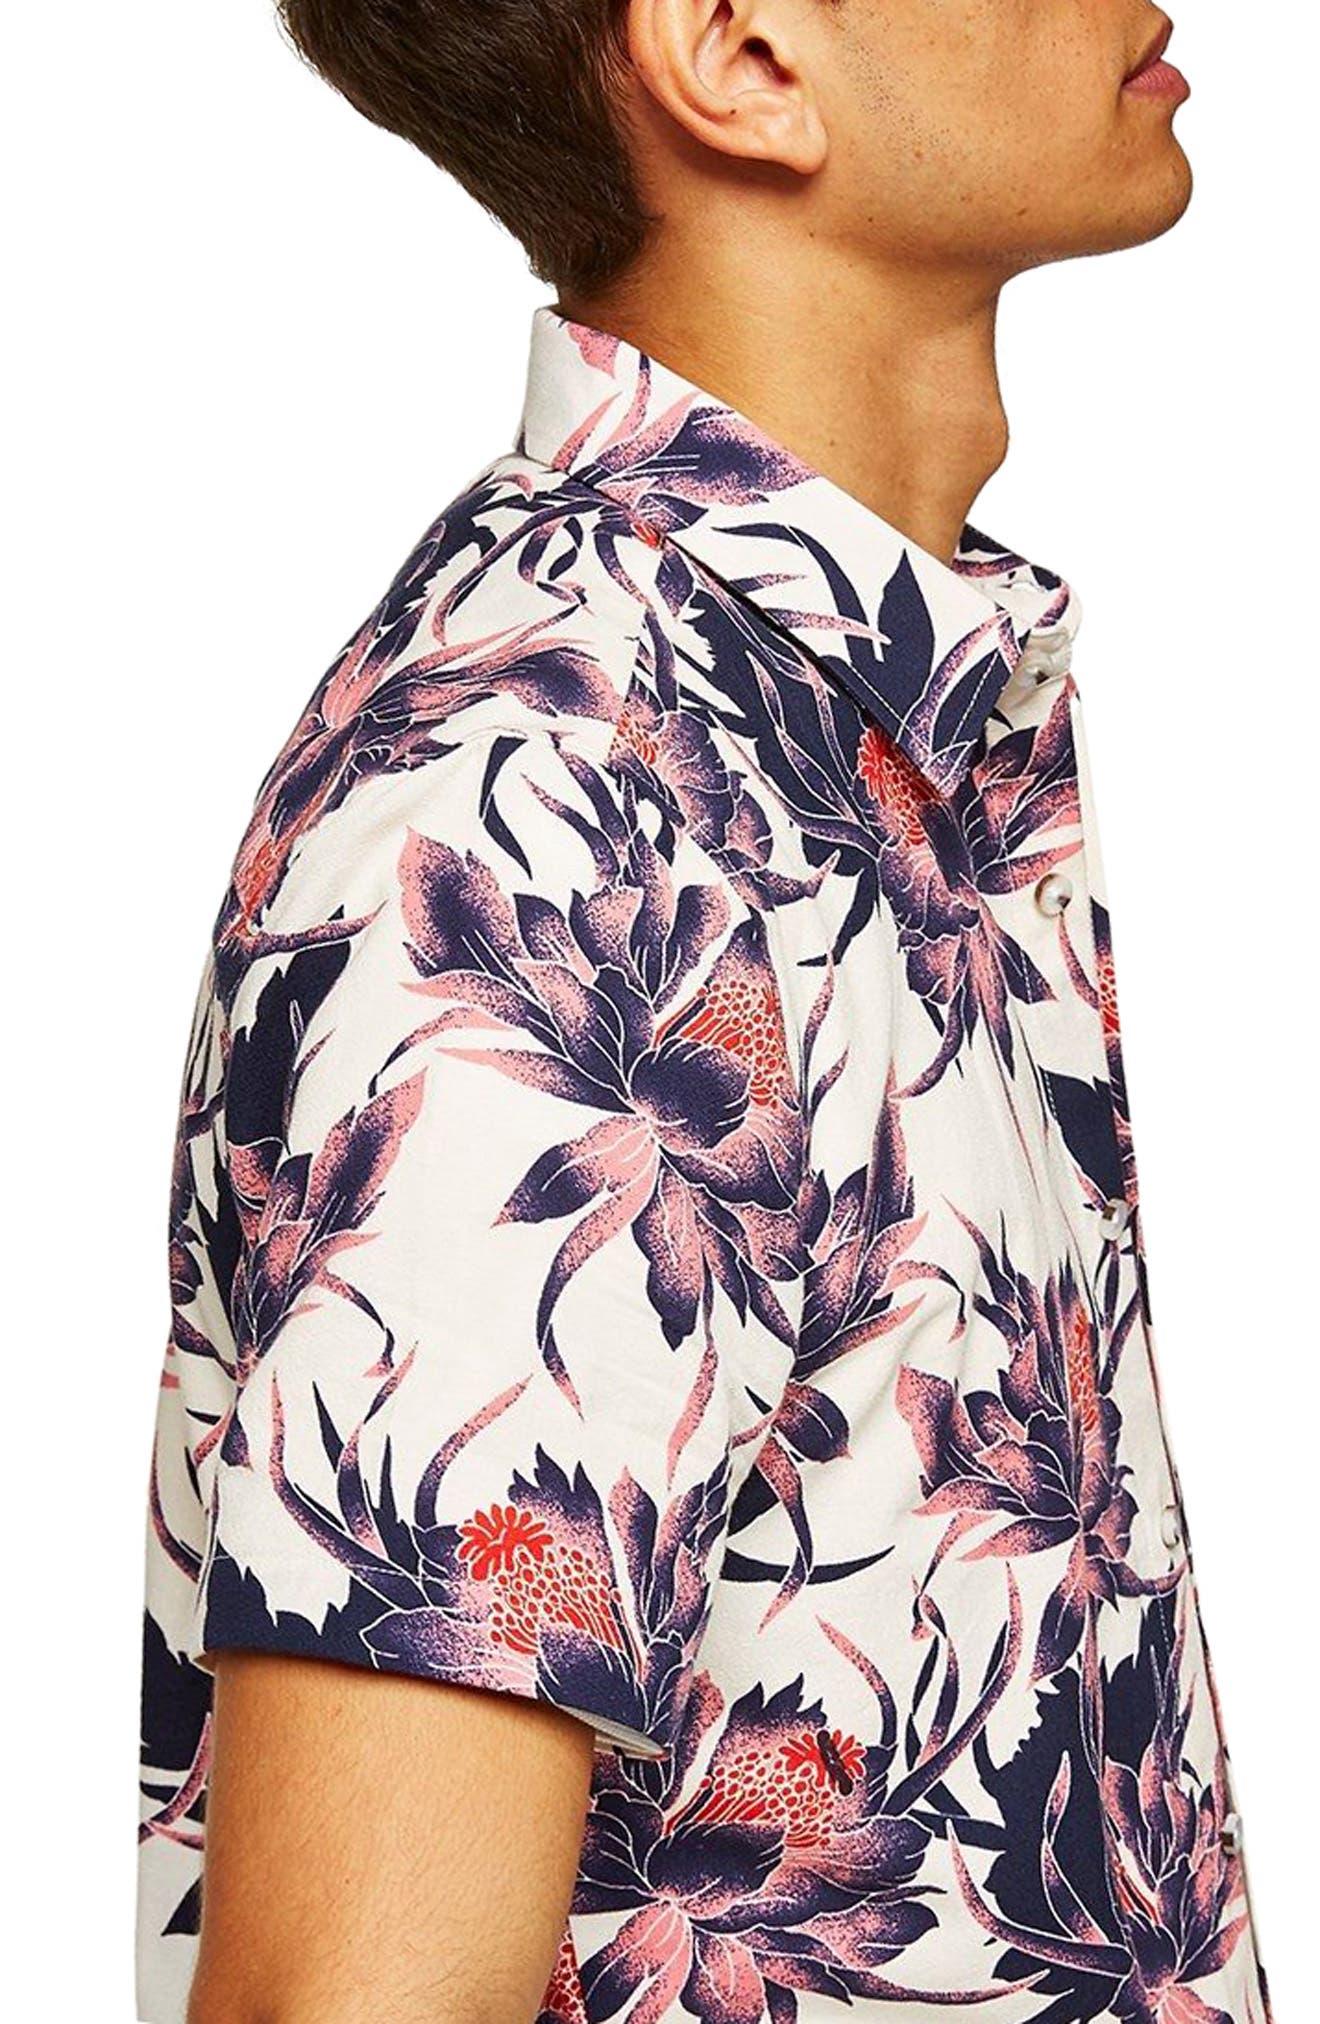 Floral Print Shirt,                             Alternate thumbnail 2, color,                             White Multi